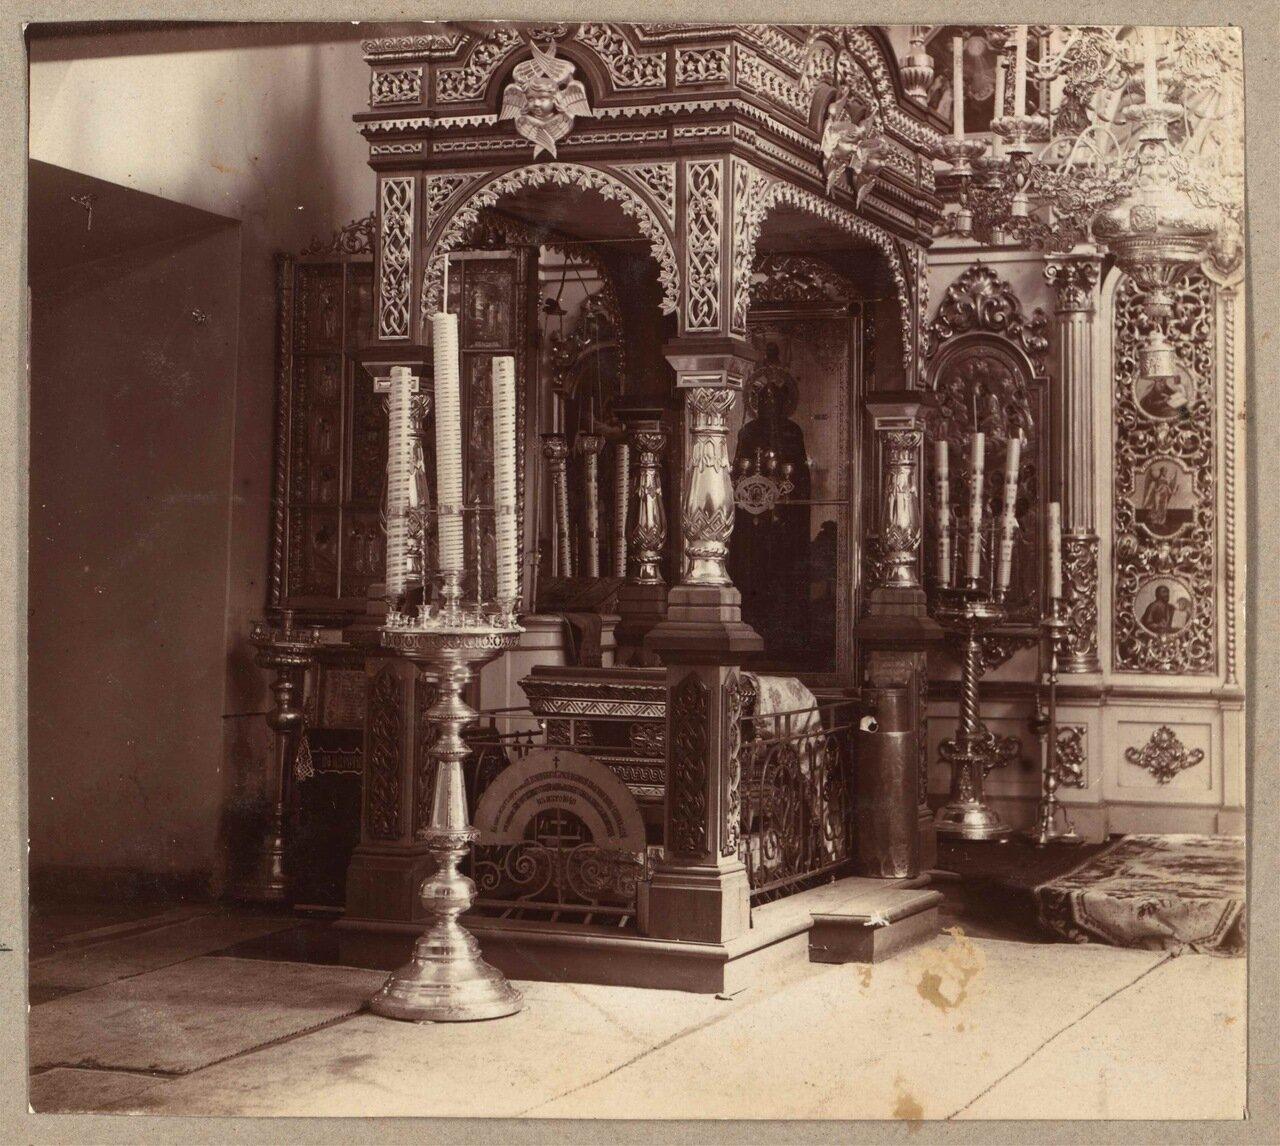 Место с каменной плитой, под которой были обретены мощи Пр. Анны Кашинской